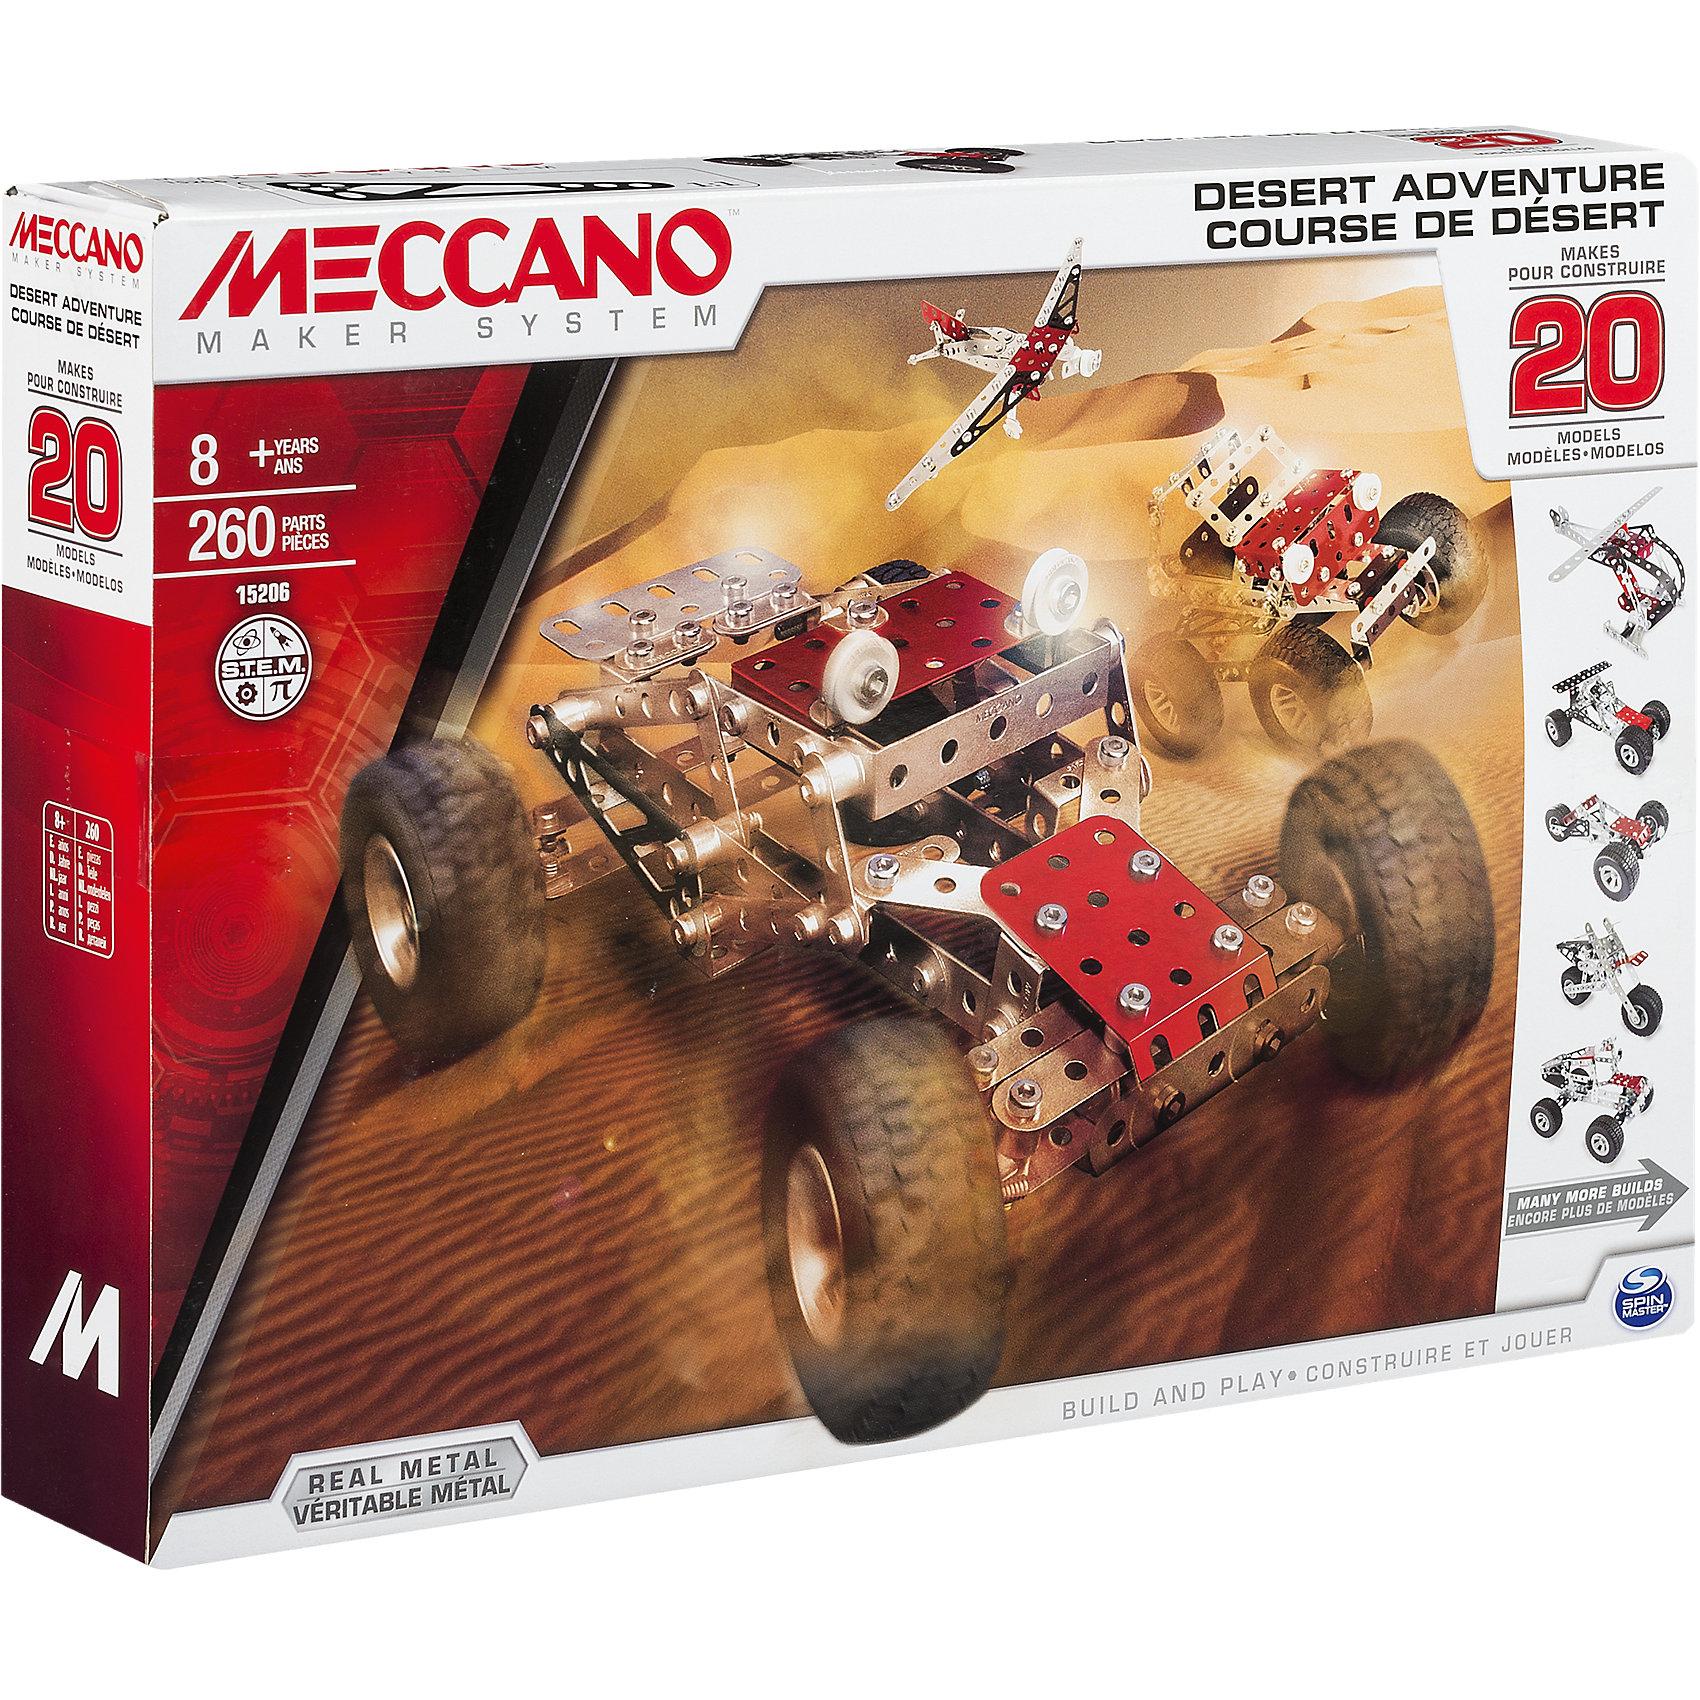 Meccano Набор Приключения в пустыне (20 моделей), Meccano meccano 91806 меккано экскаватор